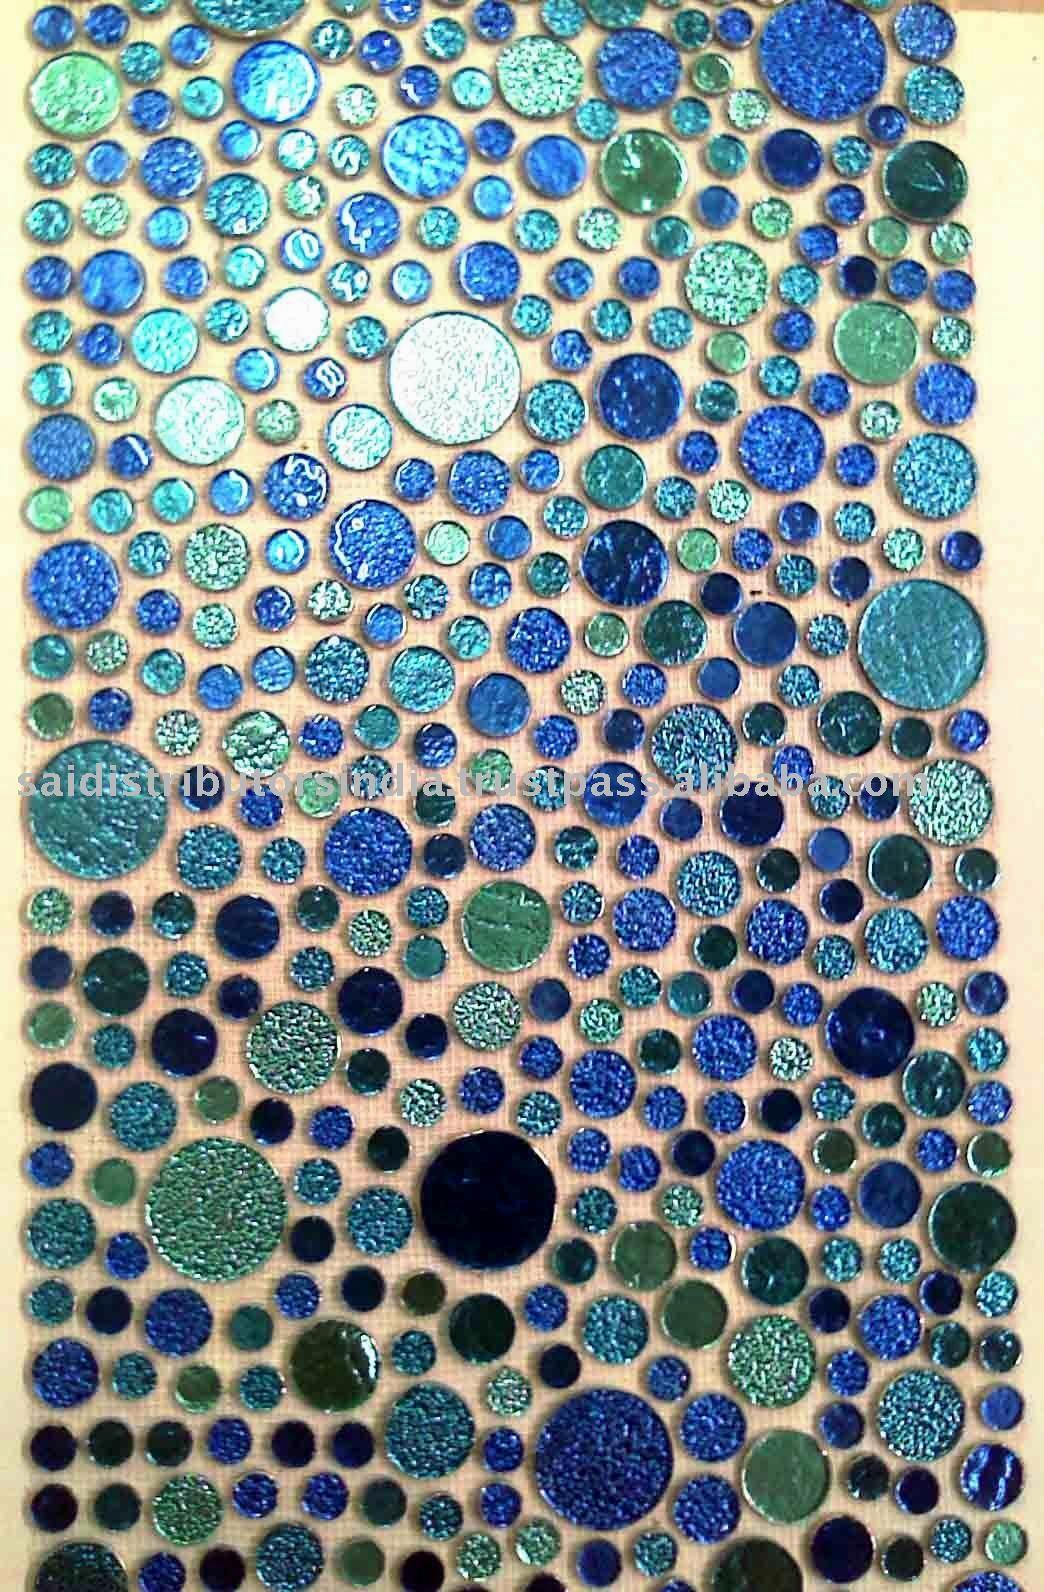 stylish how to tile a bathroom floor inspiration-Beautiful How to Tile A Bathroom Floor Decoration